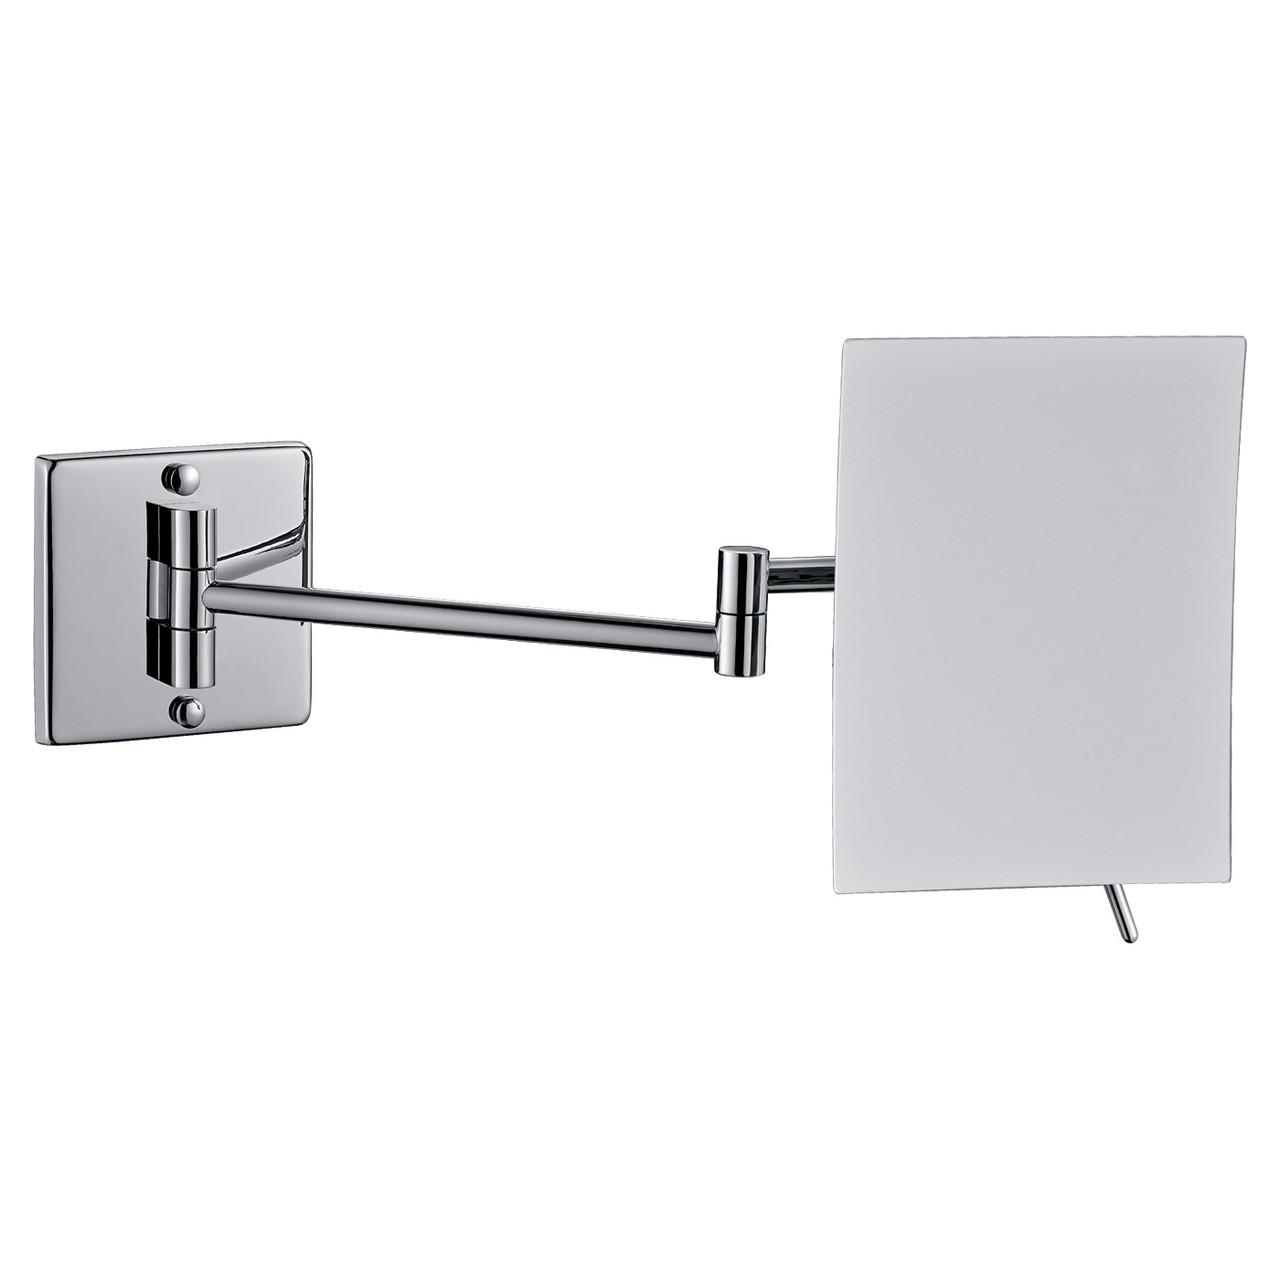 Зеркало косметическое, увеличение Х3, прямоугольное Imprese 182222